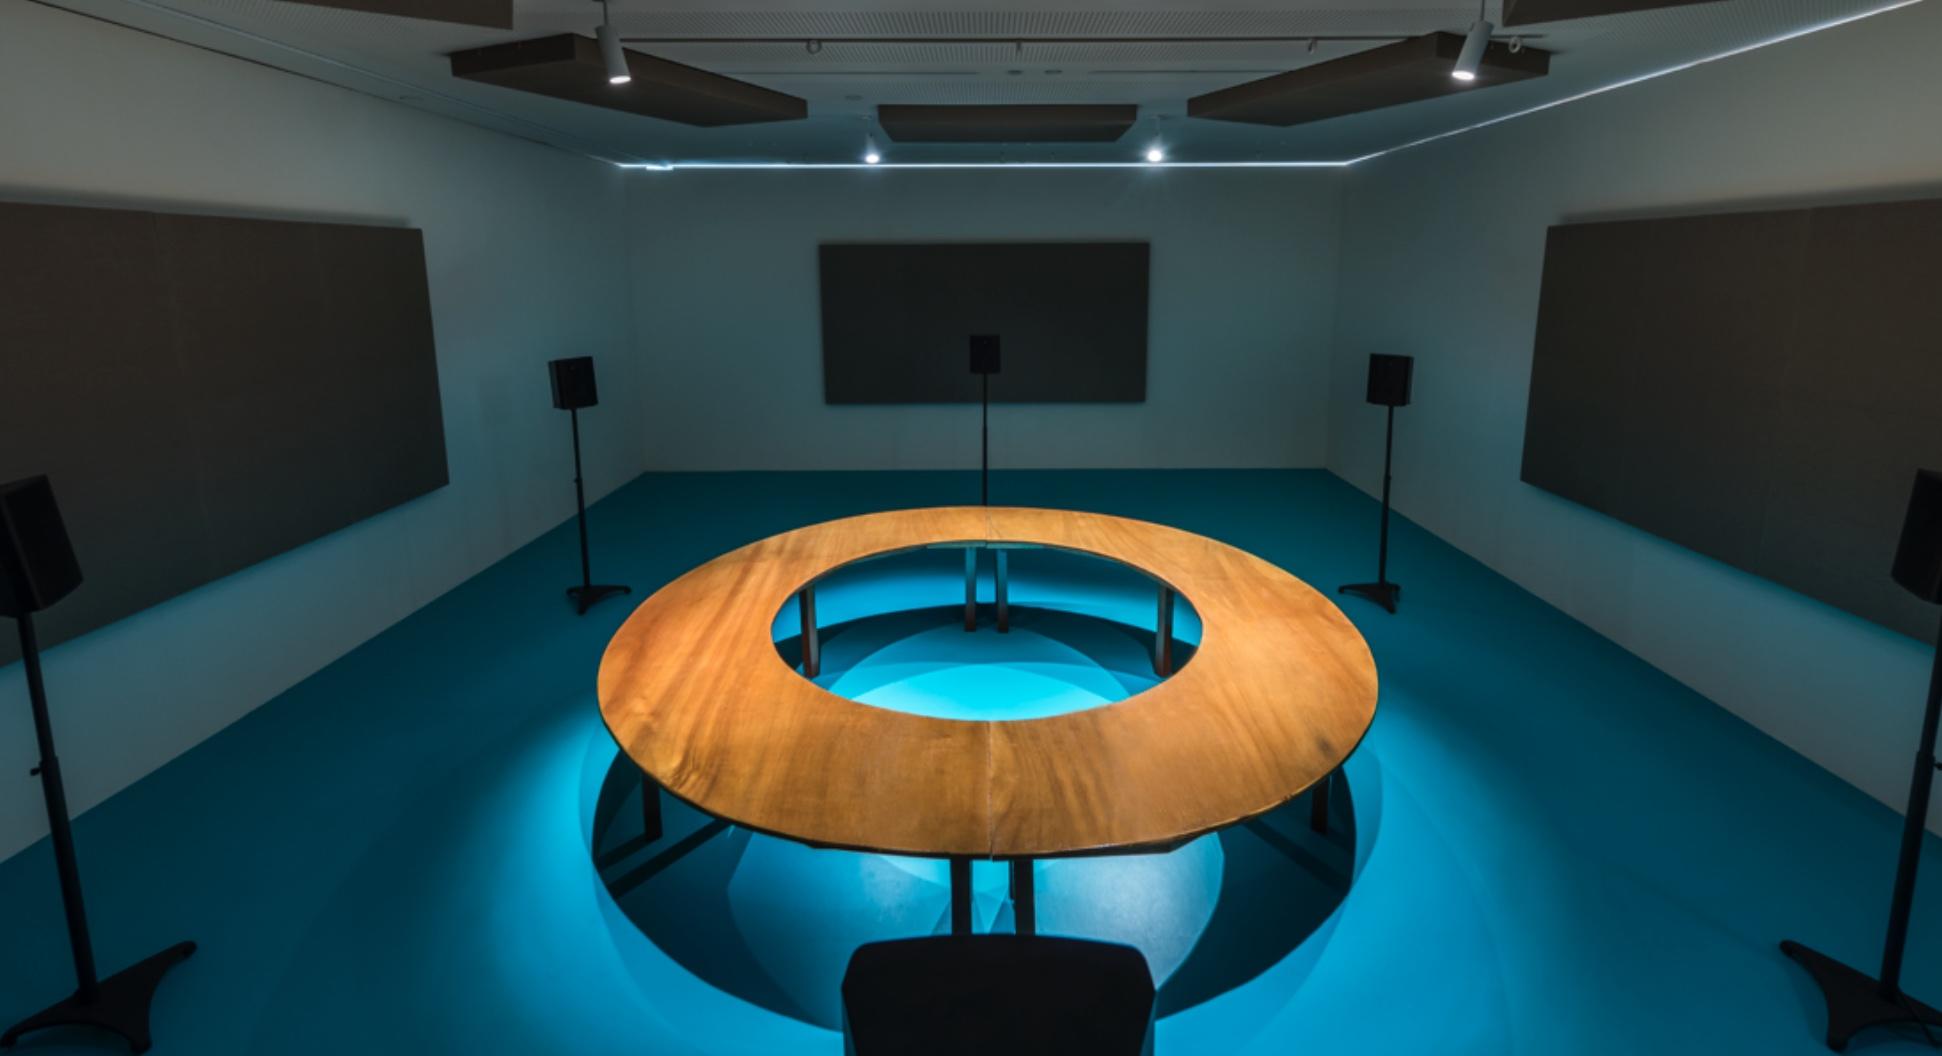 Jeremy Sharma's Exhibition of Sound at Aloft at Hermès